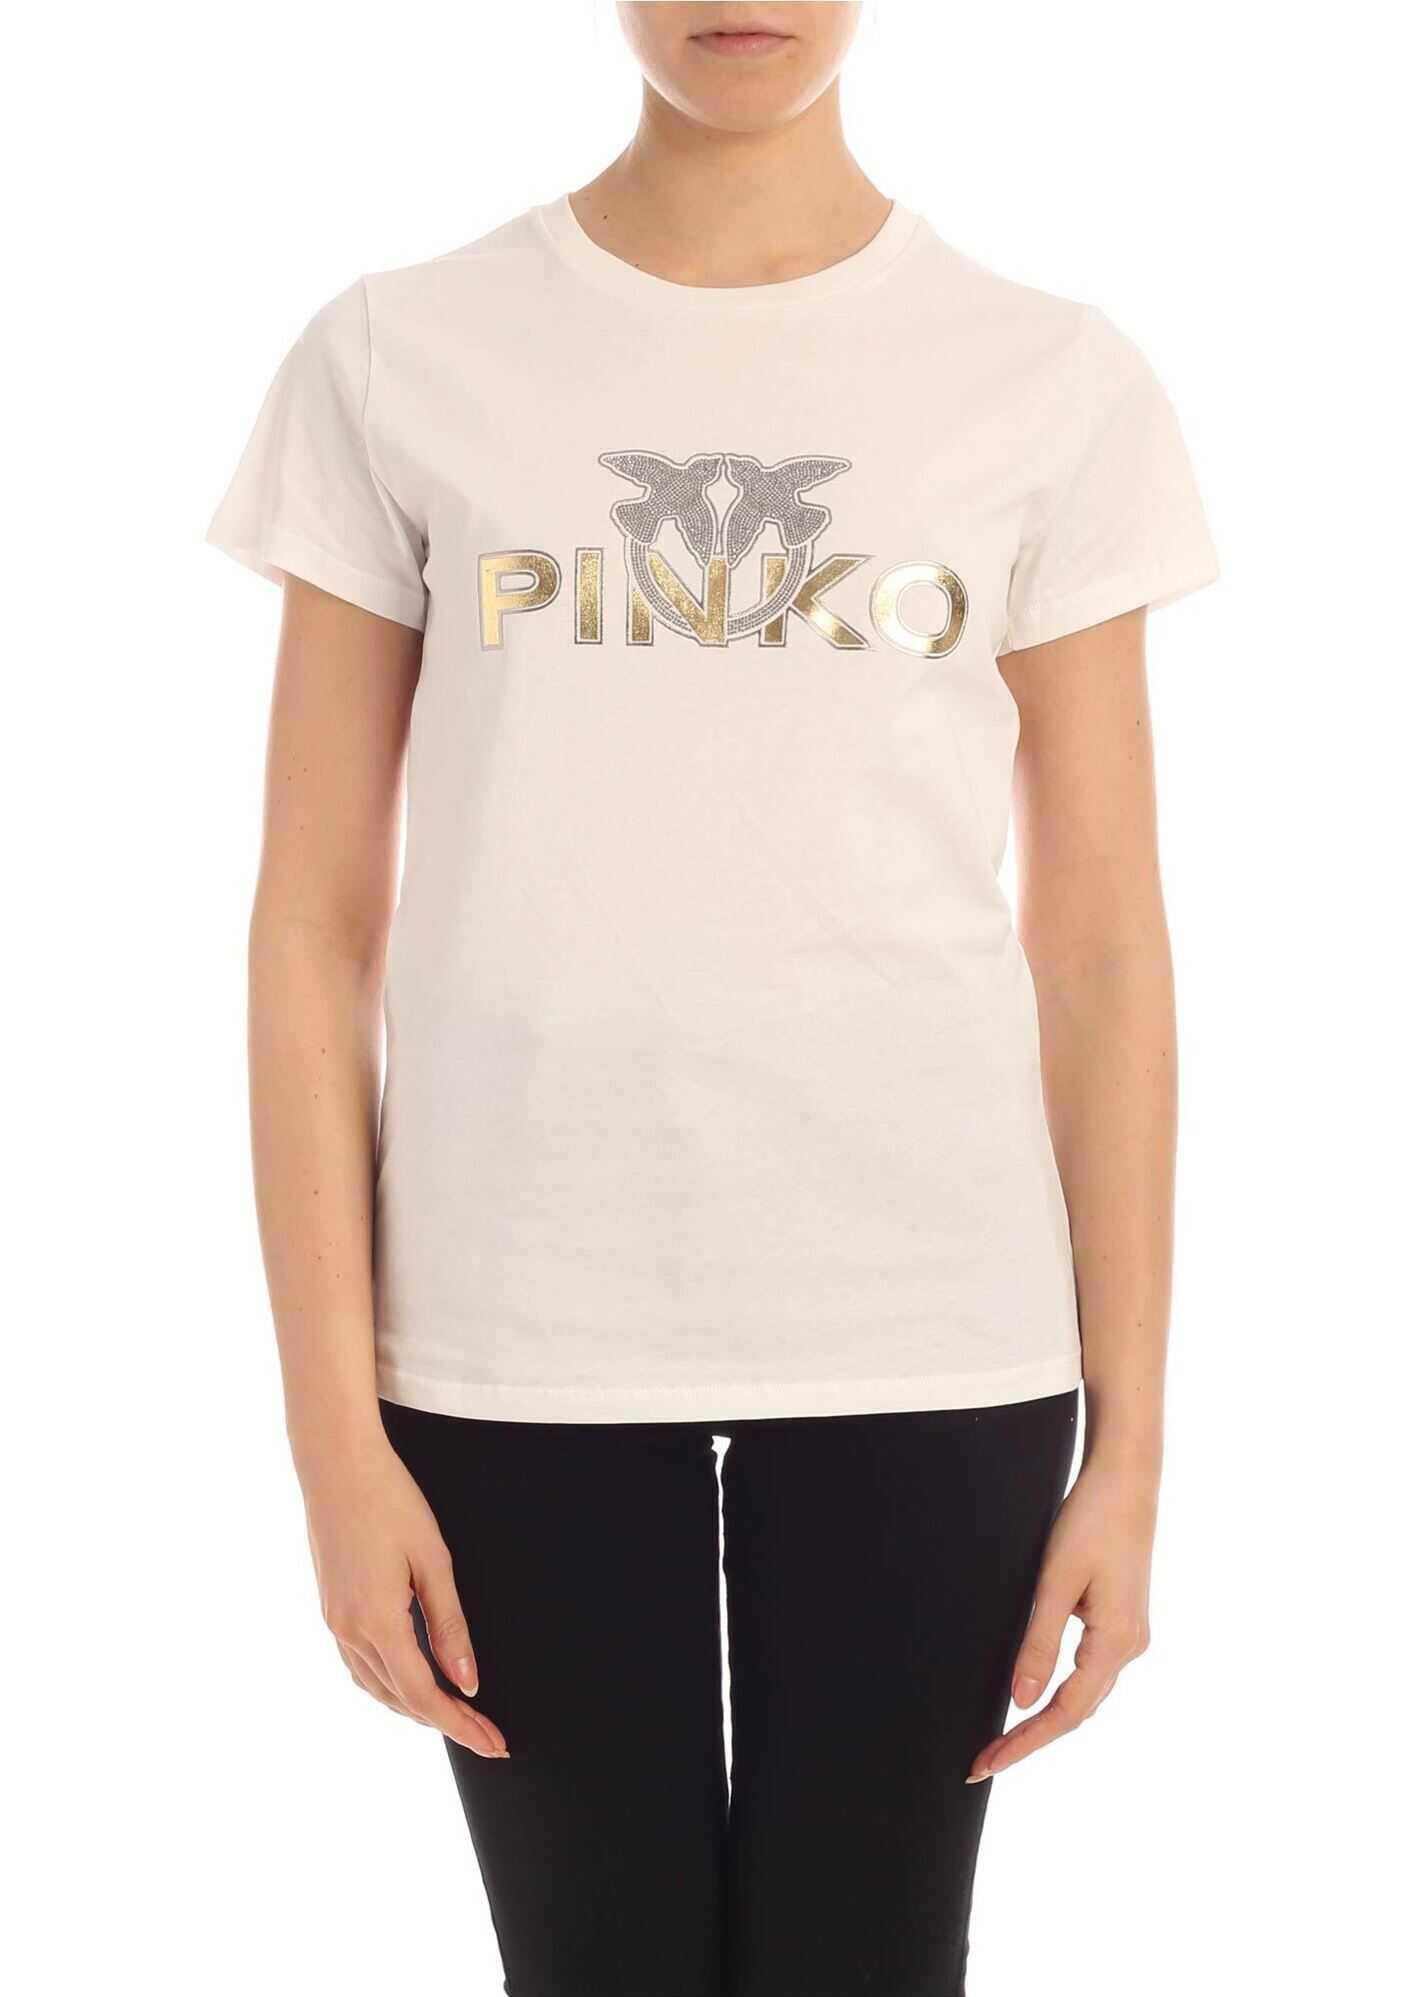 Pinko Noelle T-Shirt In White White